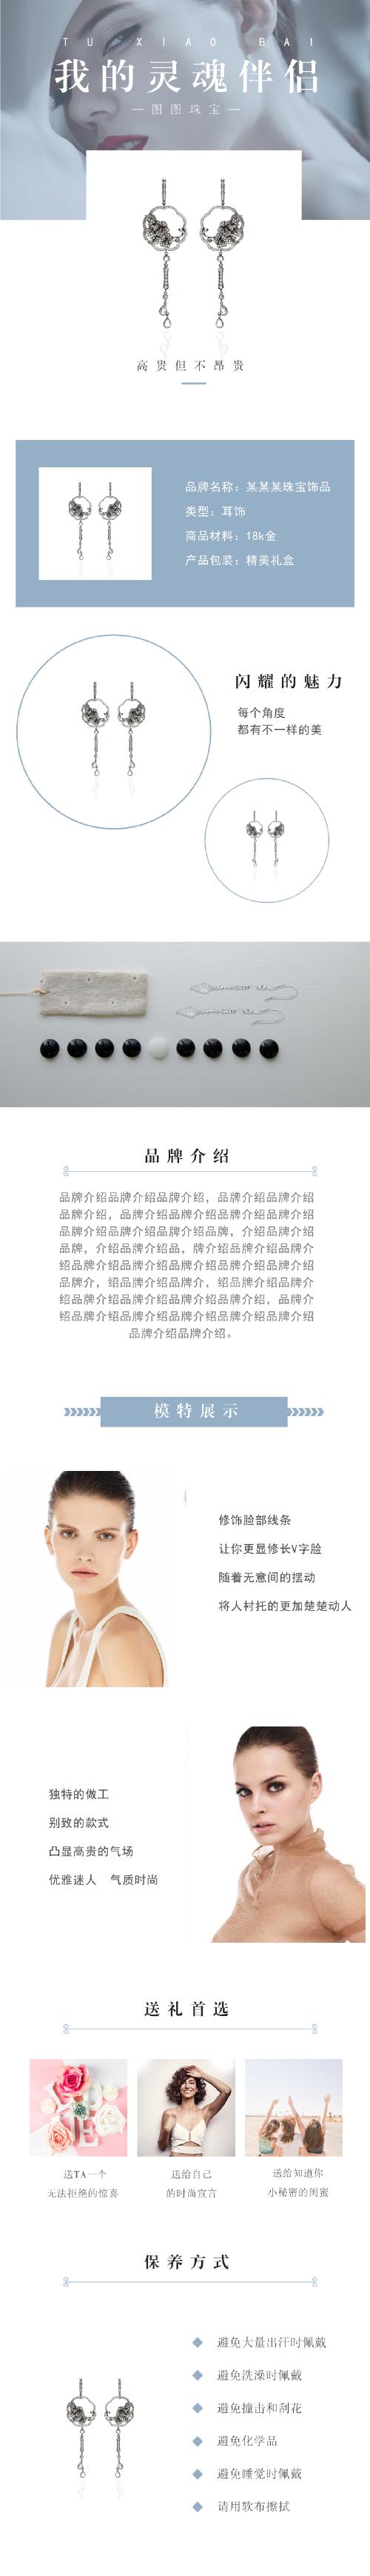 $简洁珠宝项链淘宝天猫产品详情页